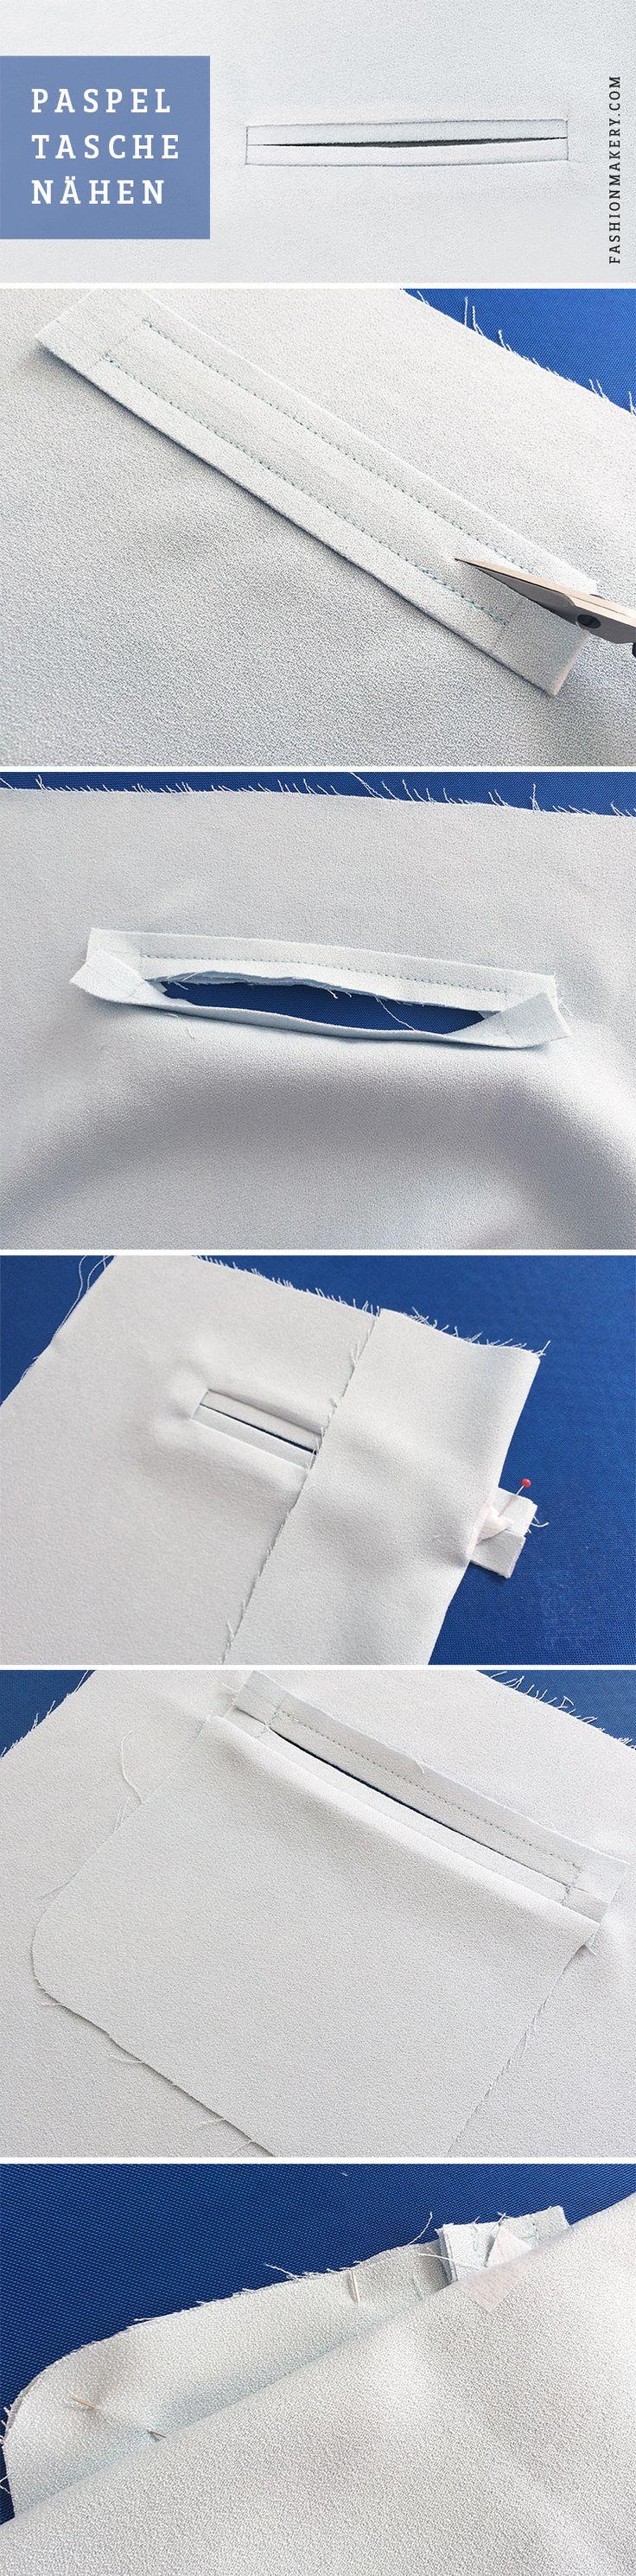 PASPELTASCHE NÄHEN // Paspeltaschen findet man vor allem an Hosen und Blazer oder Jacken wieder. Durch ihre zwei schmalen Streifen wirkt diese Taschenform sehr fein und schick. Es gibt natürlich auch hier weitere Variationen, wie zum Beispiel mit Patte oder Knopf, diese findet man oft an Anzughosen oder Sakkos für Herren. Bevor man sich an das Einarbeiten der Tasche ran macht, sollte man die Paspel, sowie den Bereich auf dem Kleidungsstück mit einer Einlage fixieren.